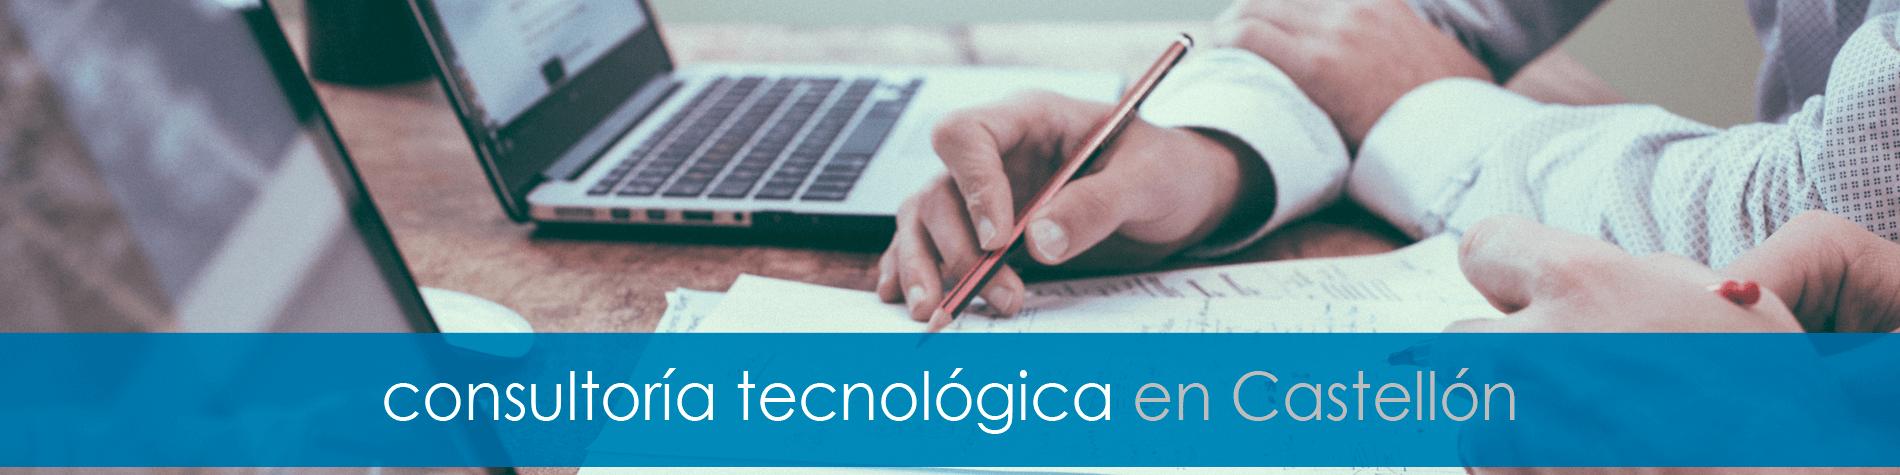 consultoría informática en Castellón